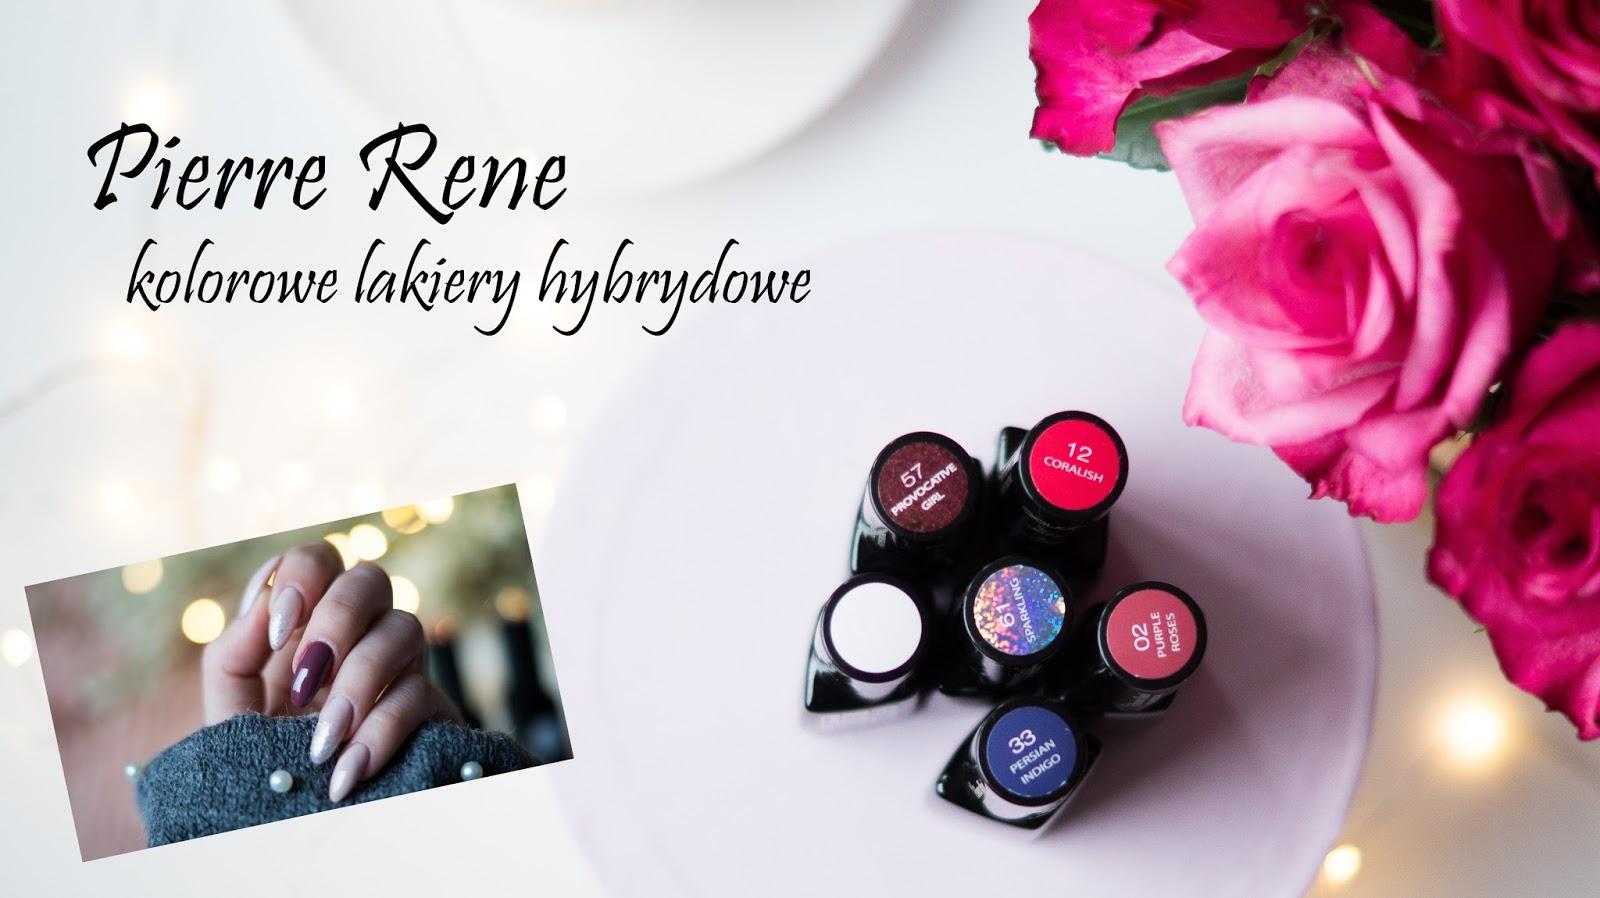 Chodź zrobimy paznokcie lakierami kolorowymi Pierre Rene...